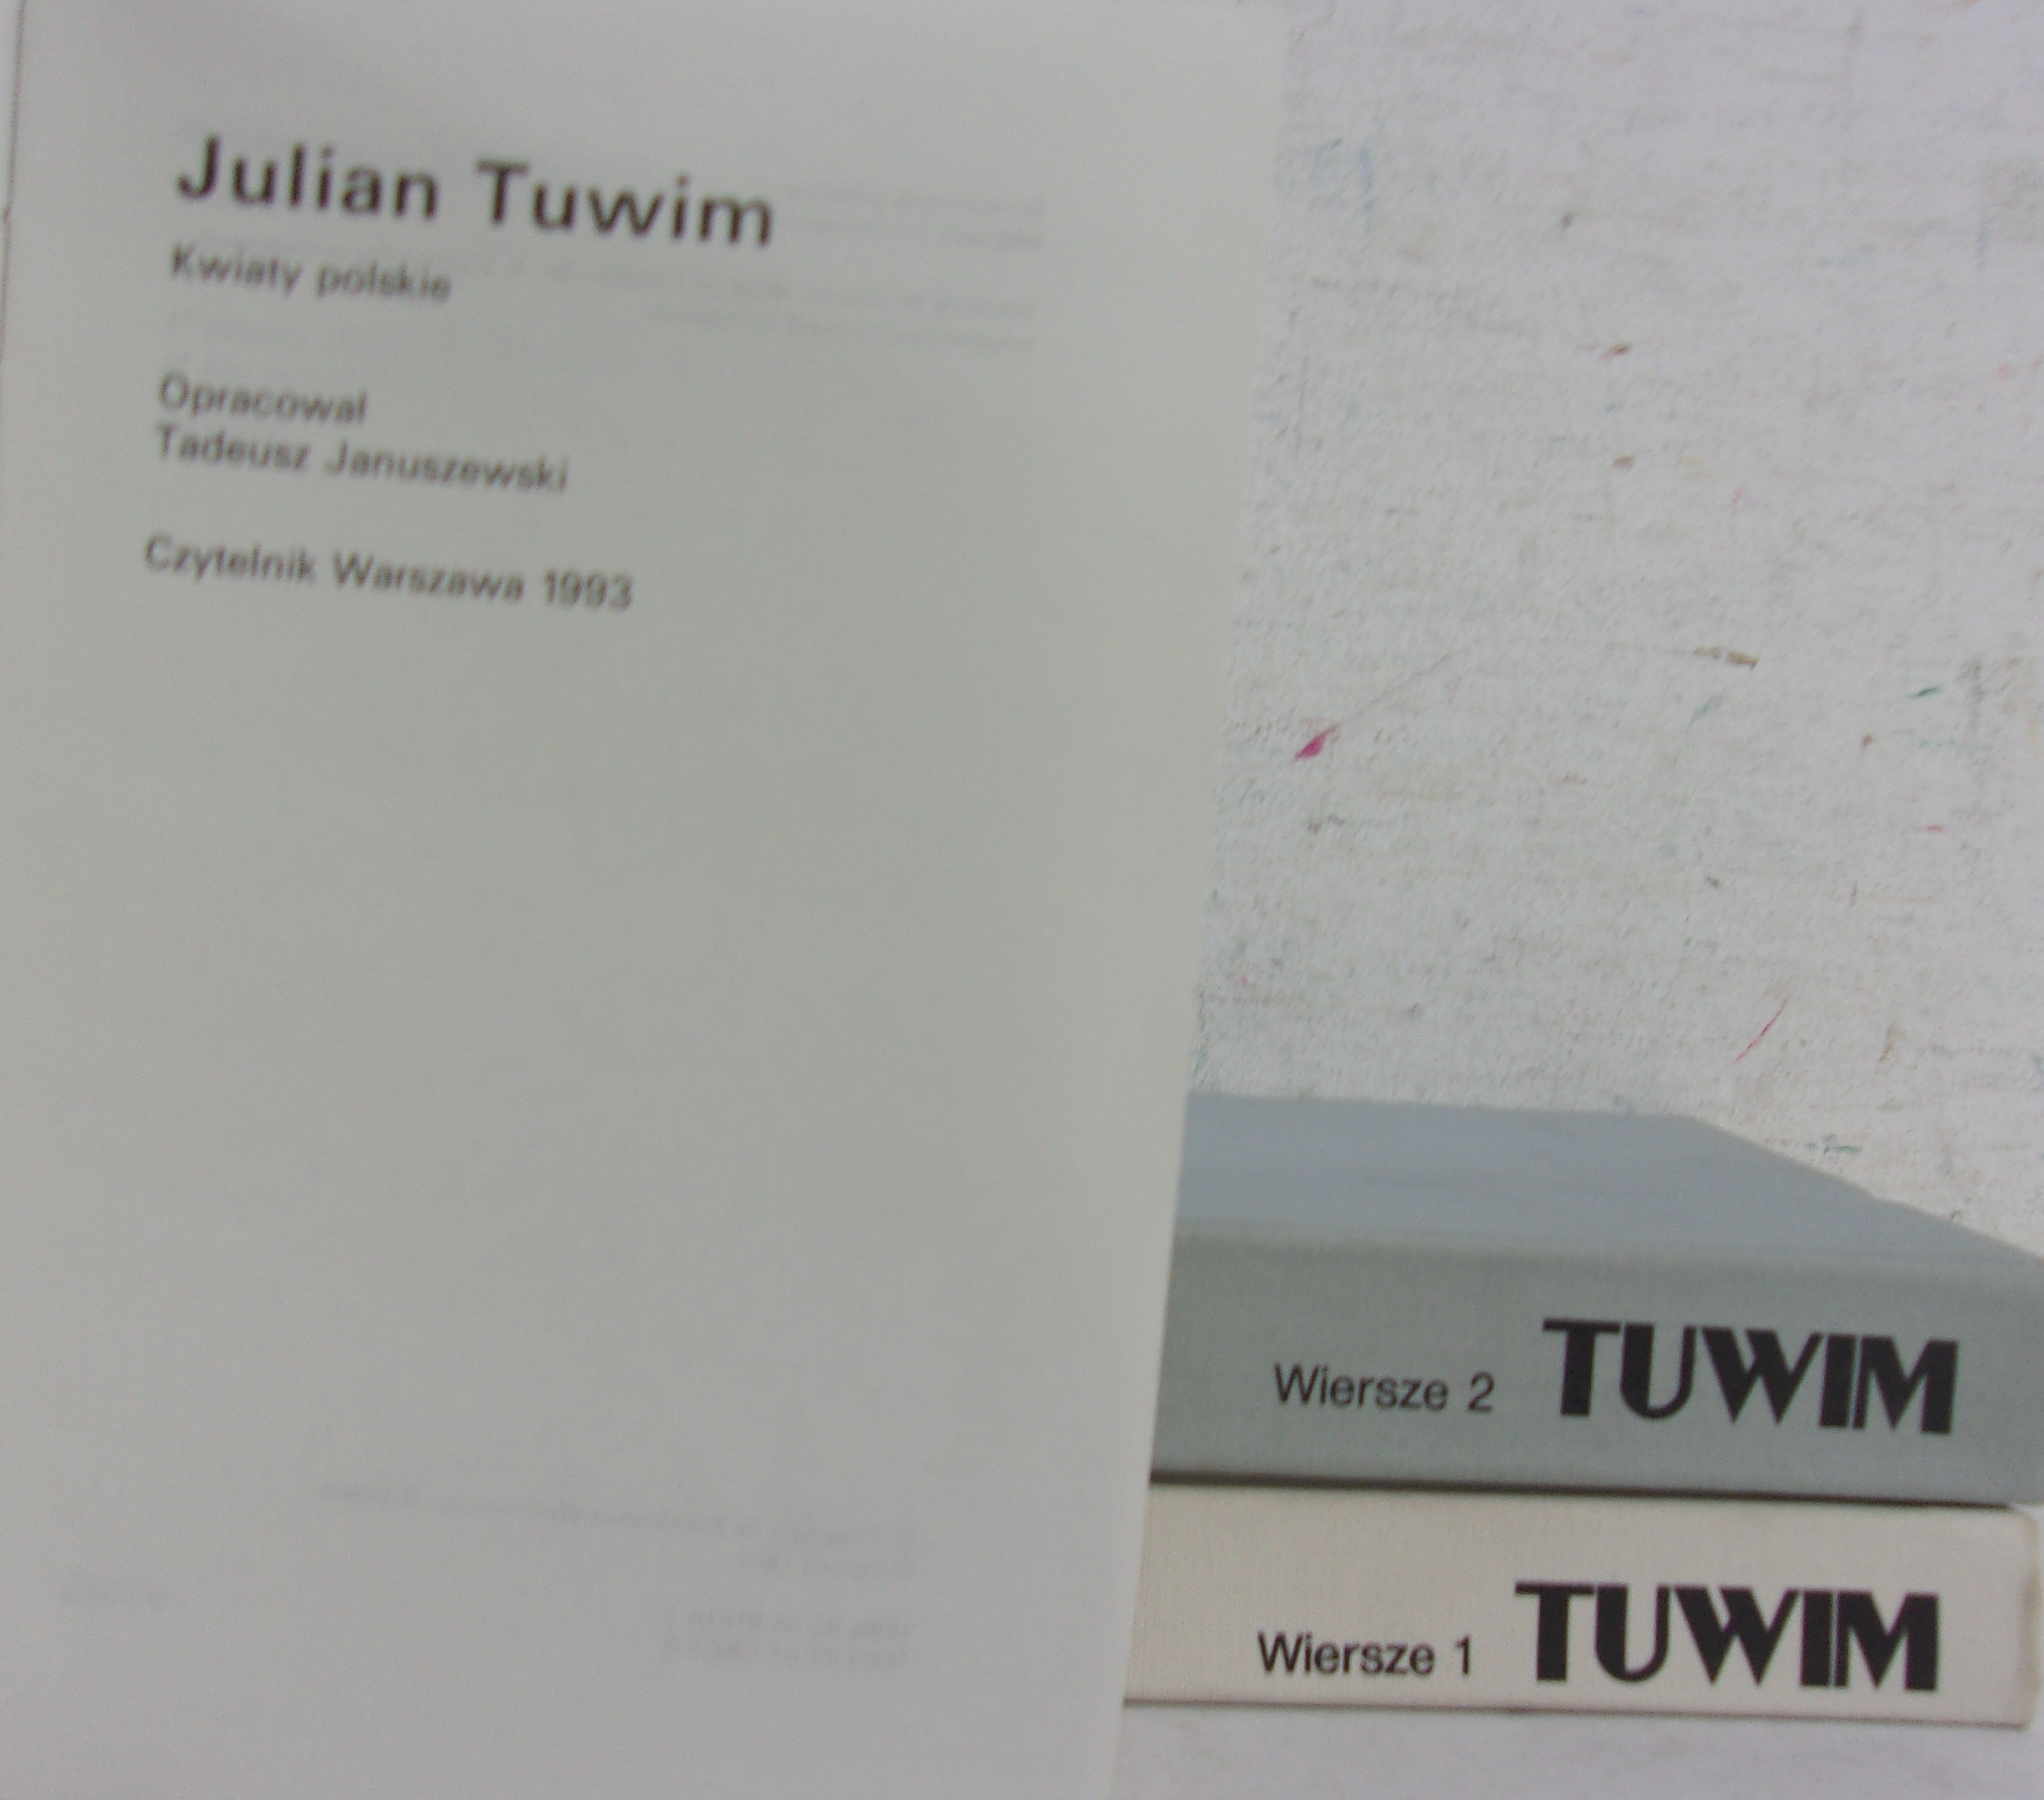 Wiersze Tom I Ii Kwiaty Polskie Tuwim Julian 2400 Zł